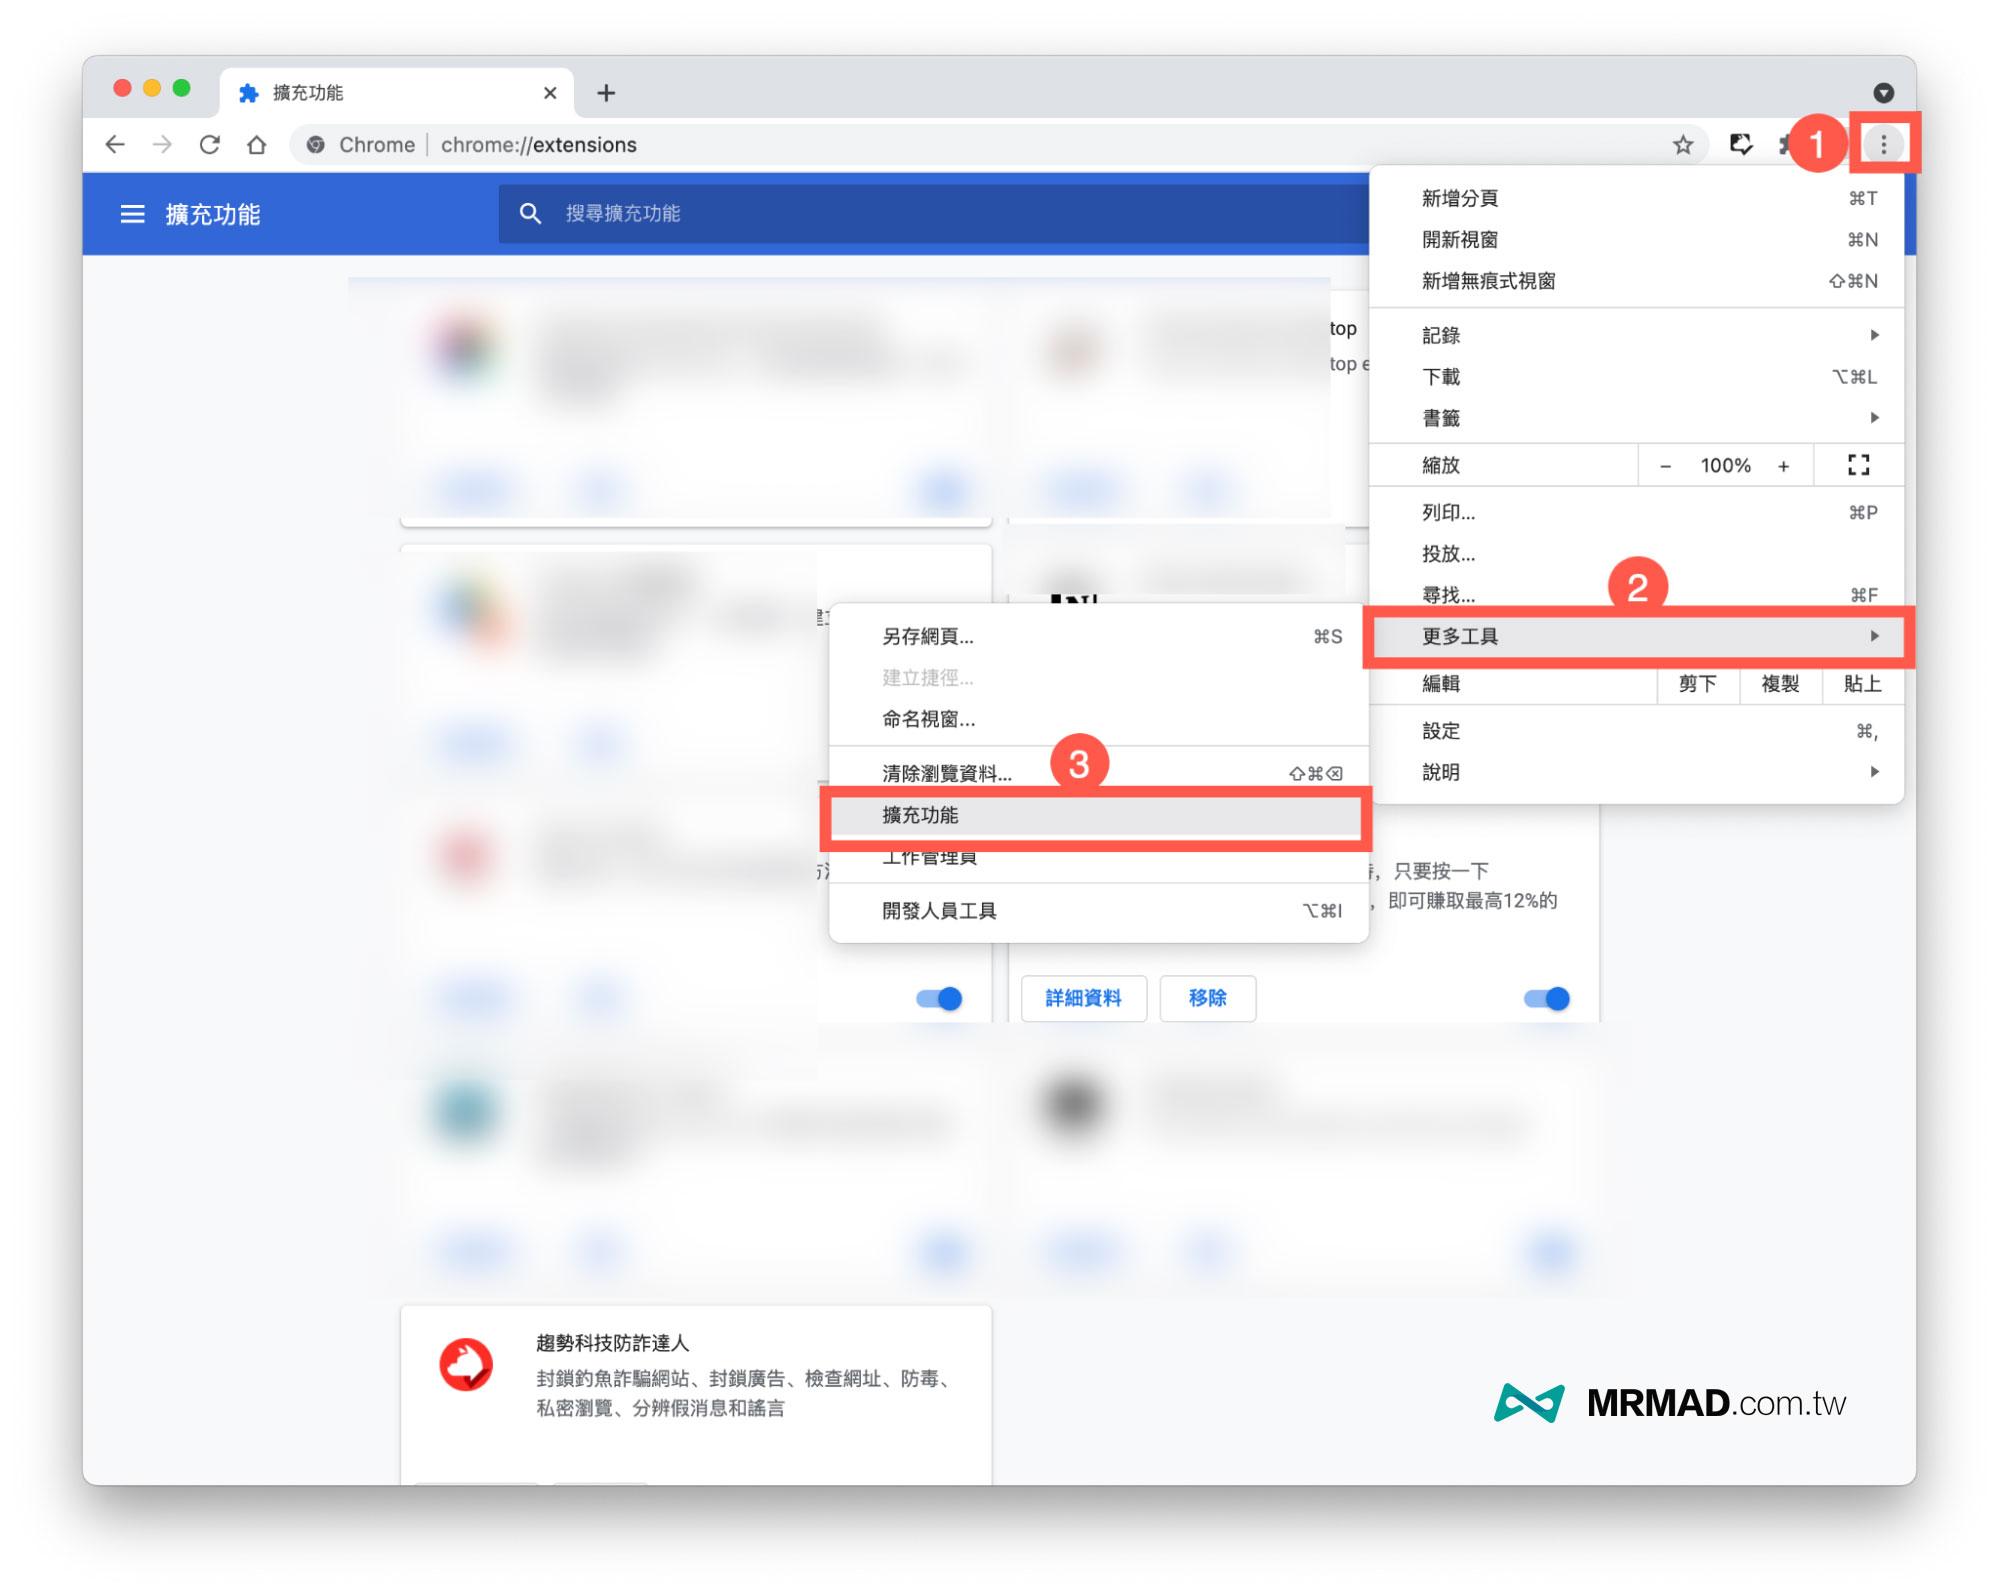 趨勢科技防詐達人 Chrome 設定4